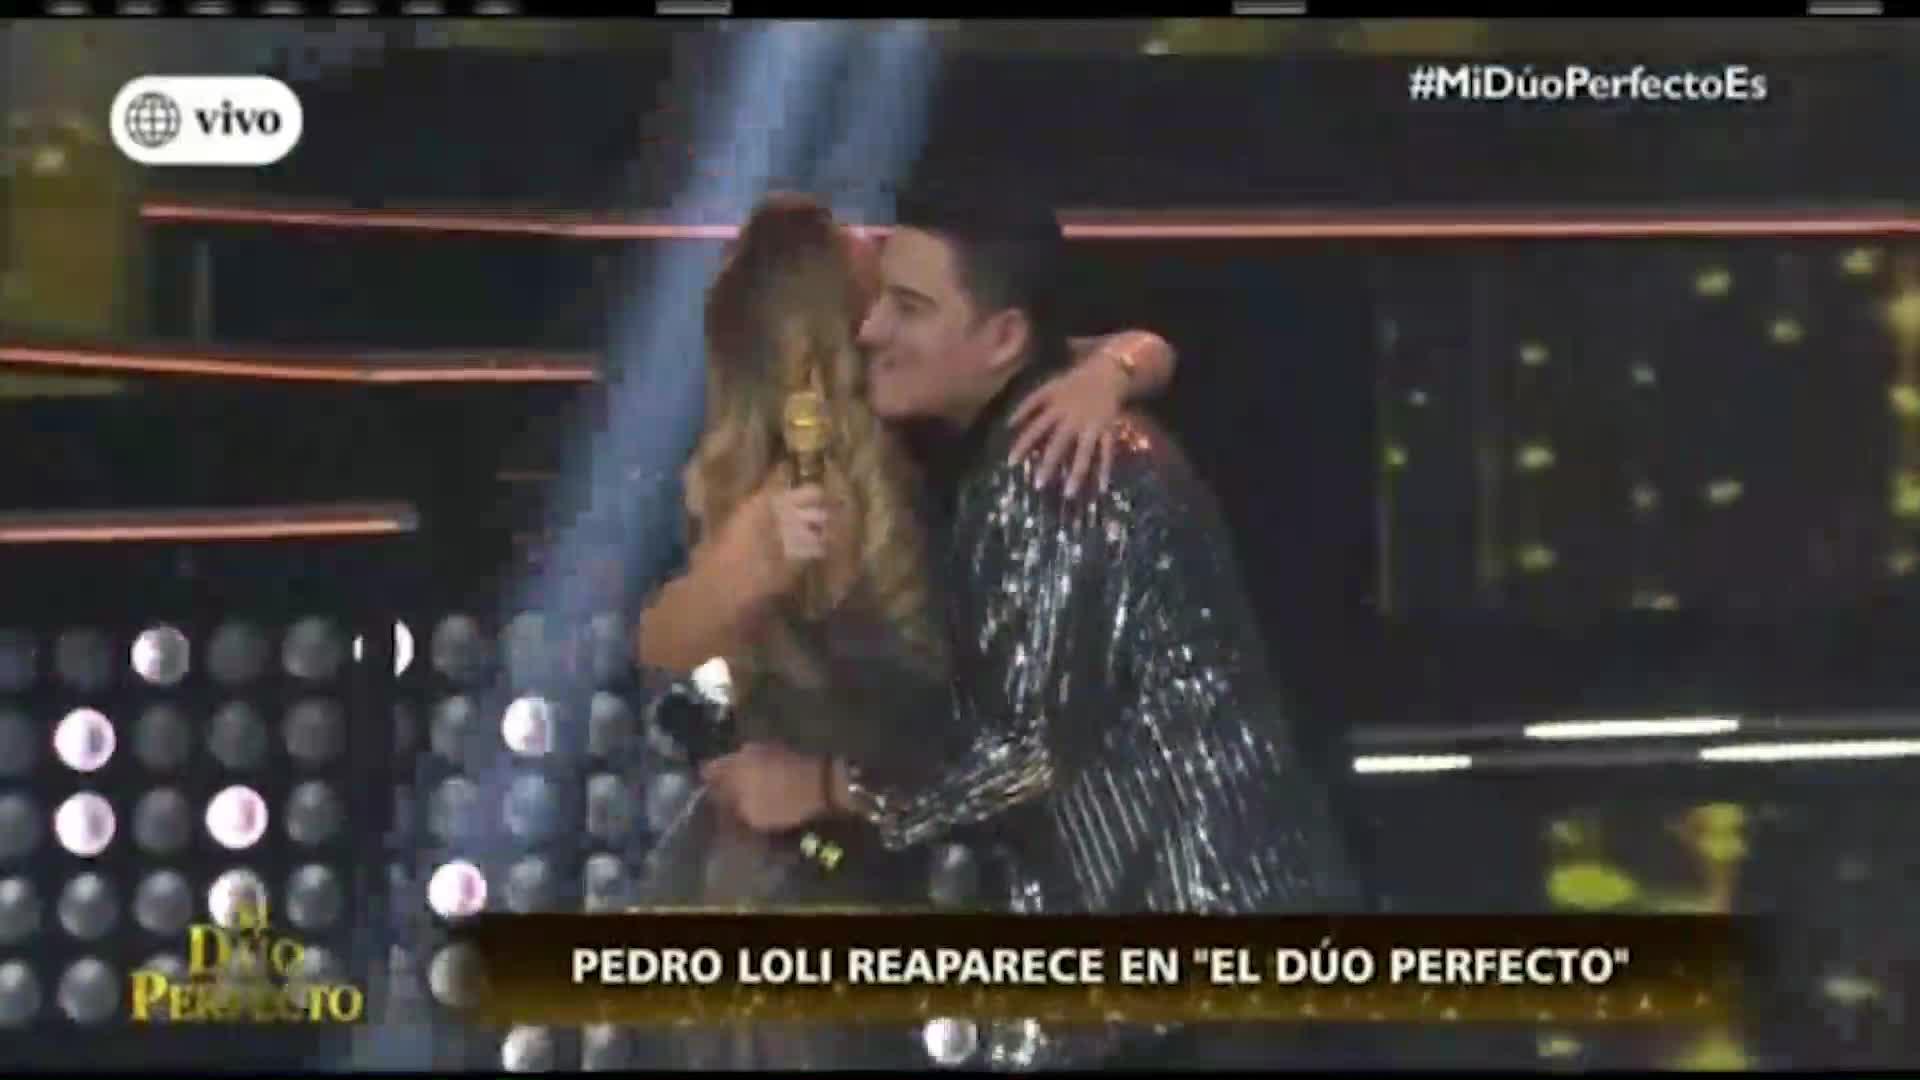 """""""El dúo perfecto"""": Pedro Loli reaparece en el programa de Gisela tras escándalo de infidelidad"""